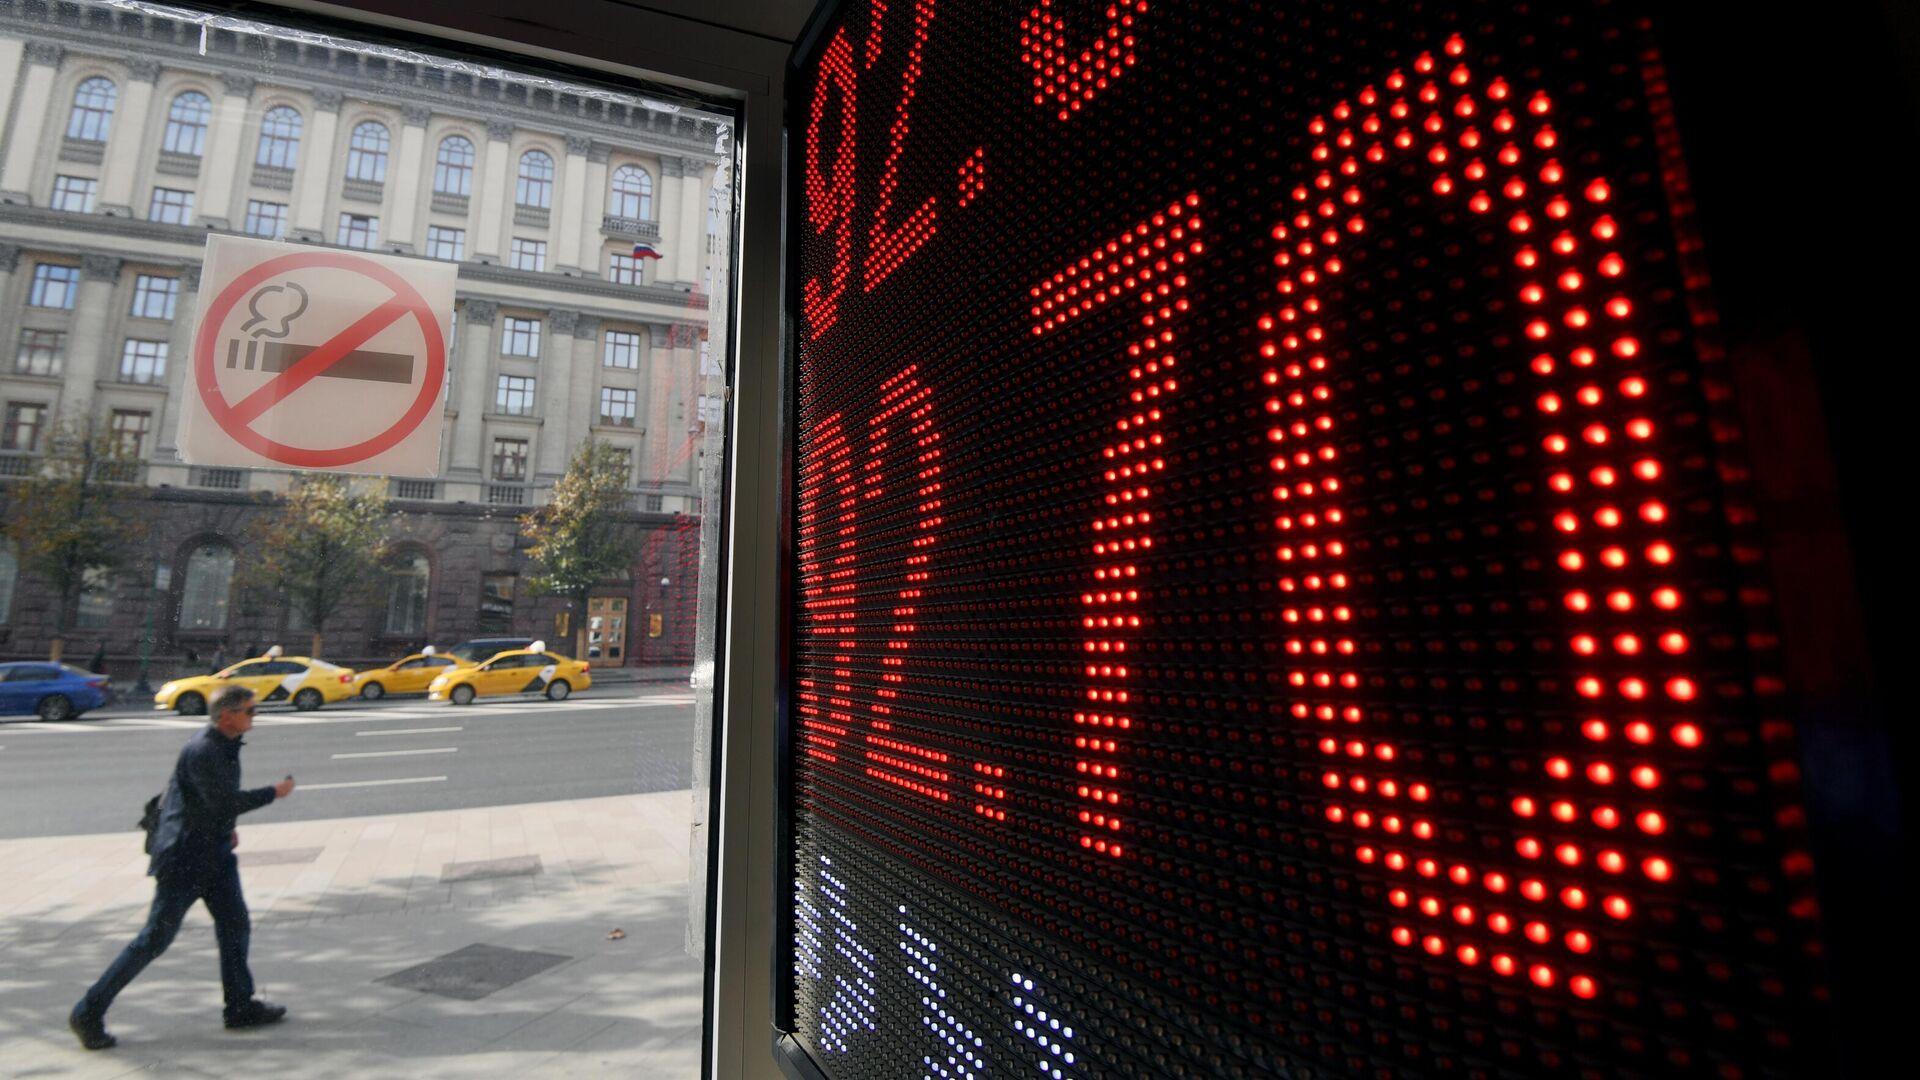 Электронное табло с курсами валют на одной из улиц в Москве - РИА Новости, 1920, 06.10.2020